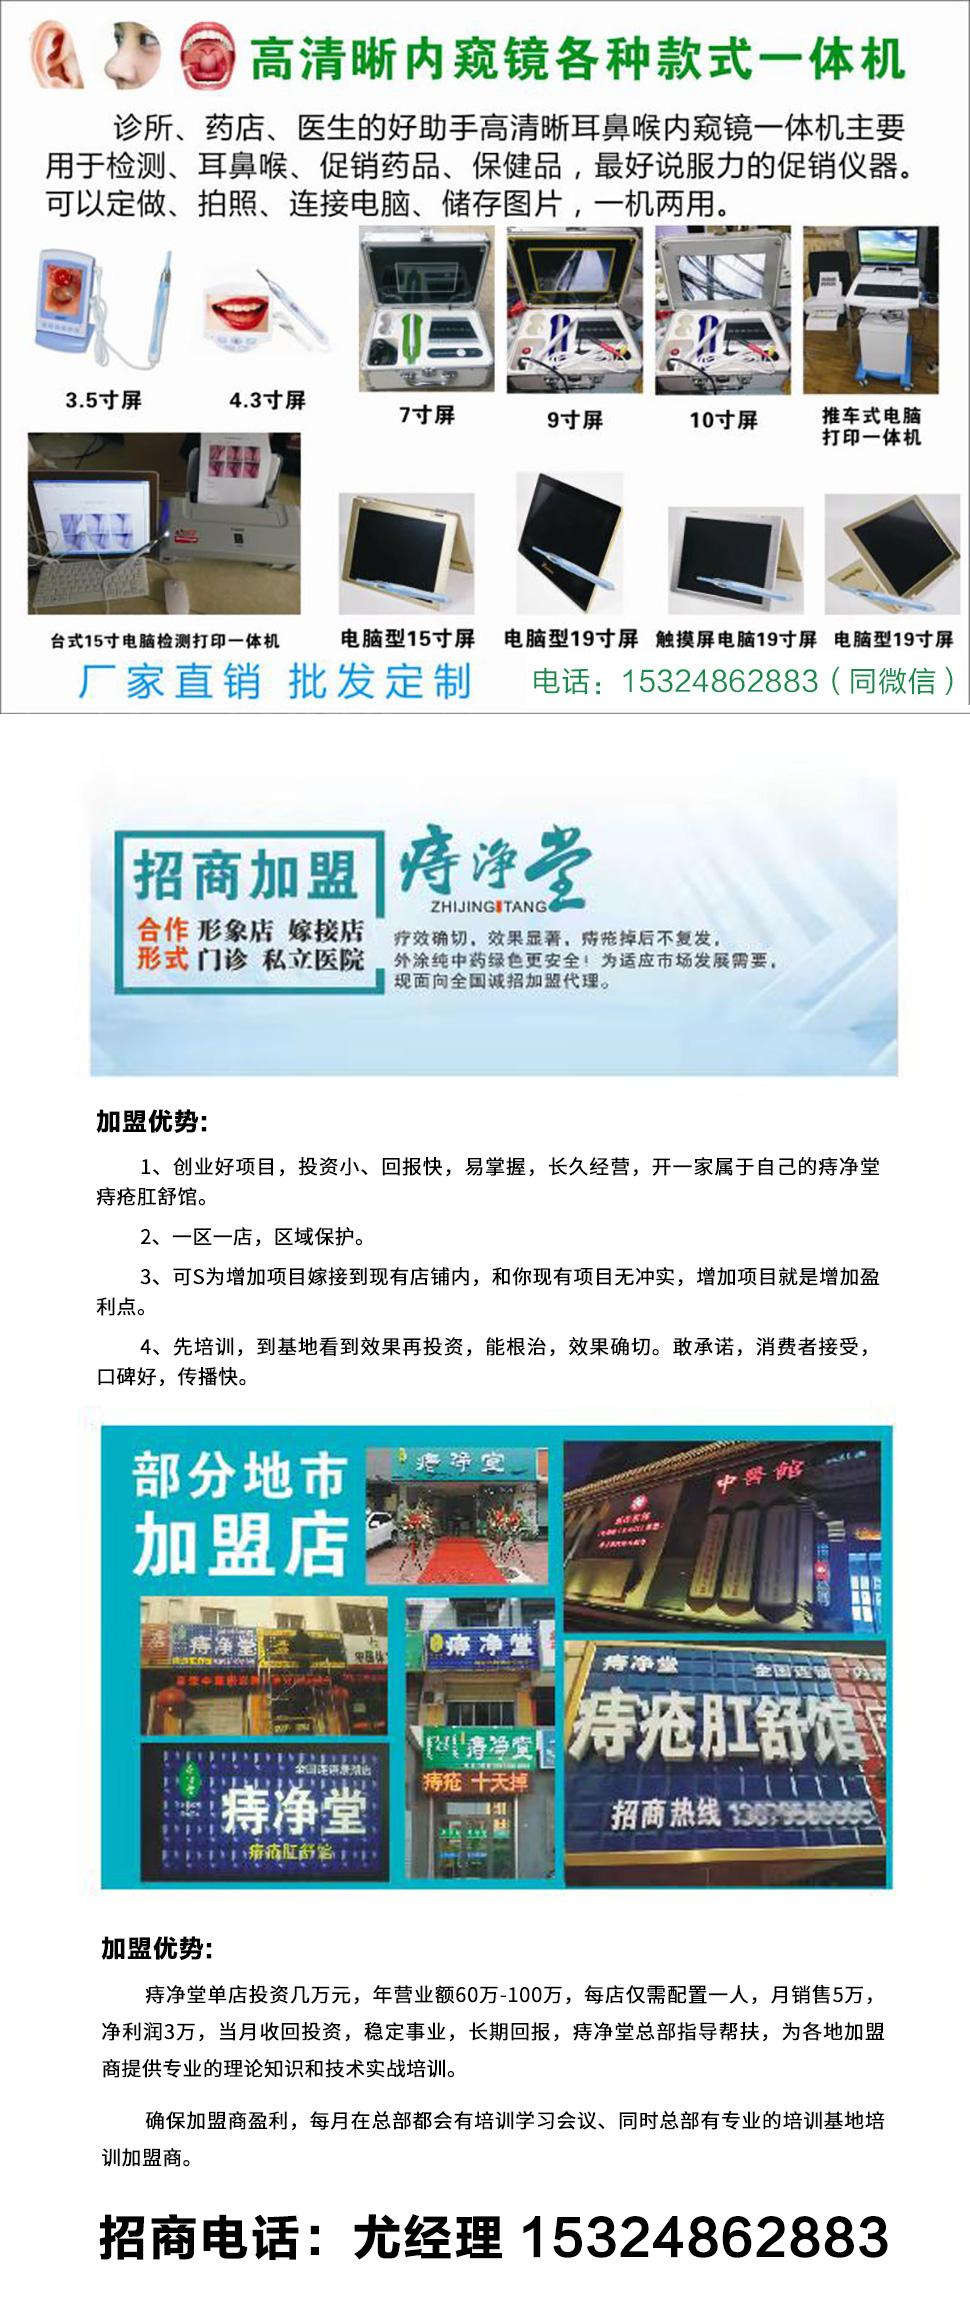 上海�A委科技有限公司